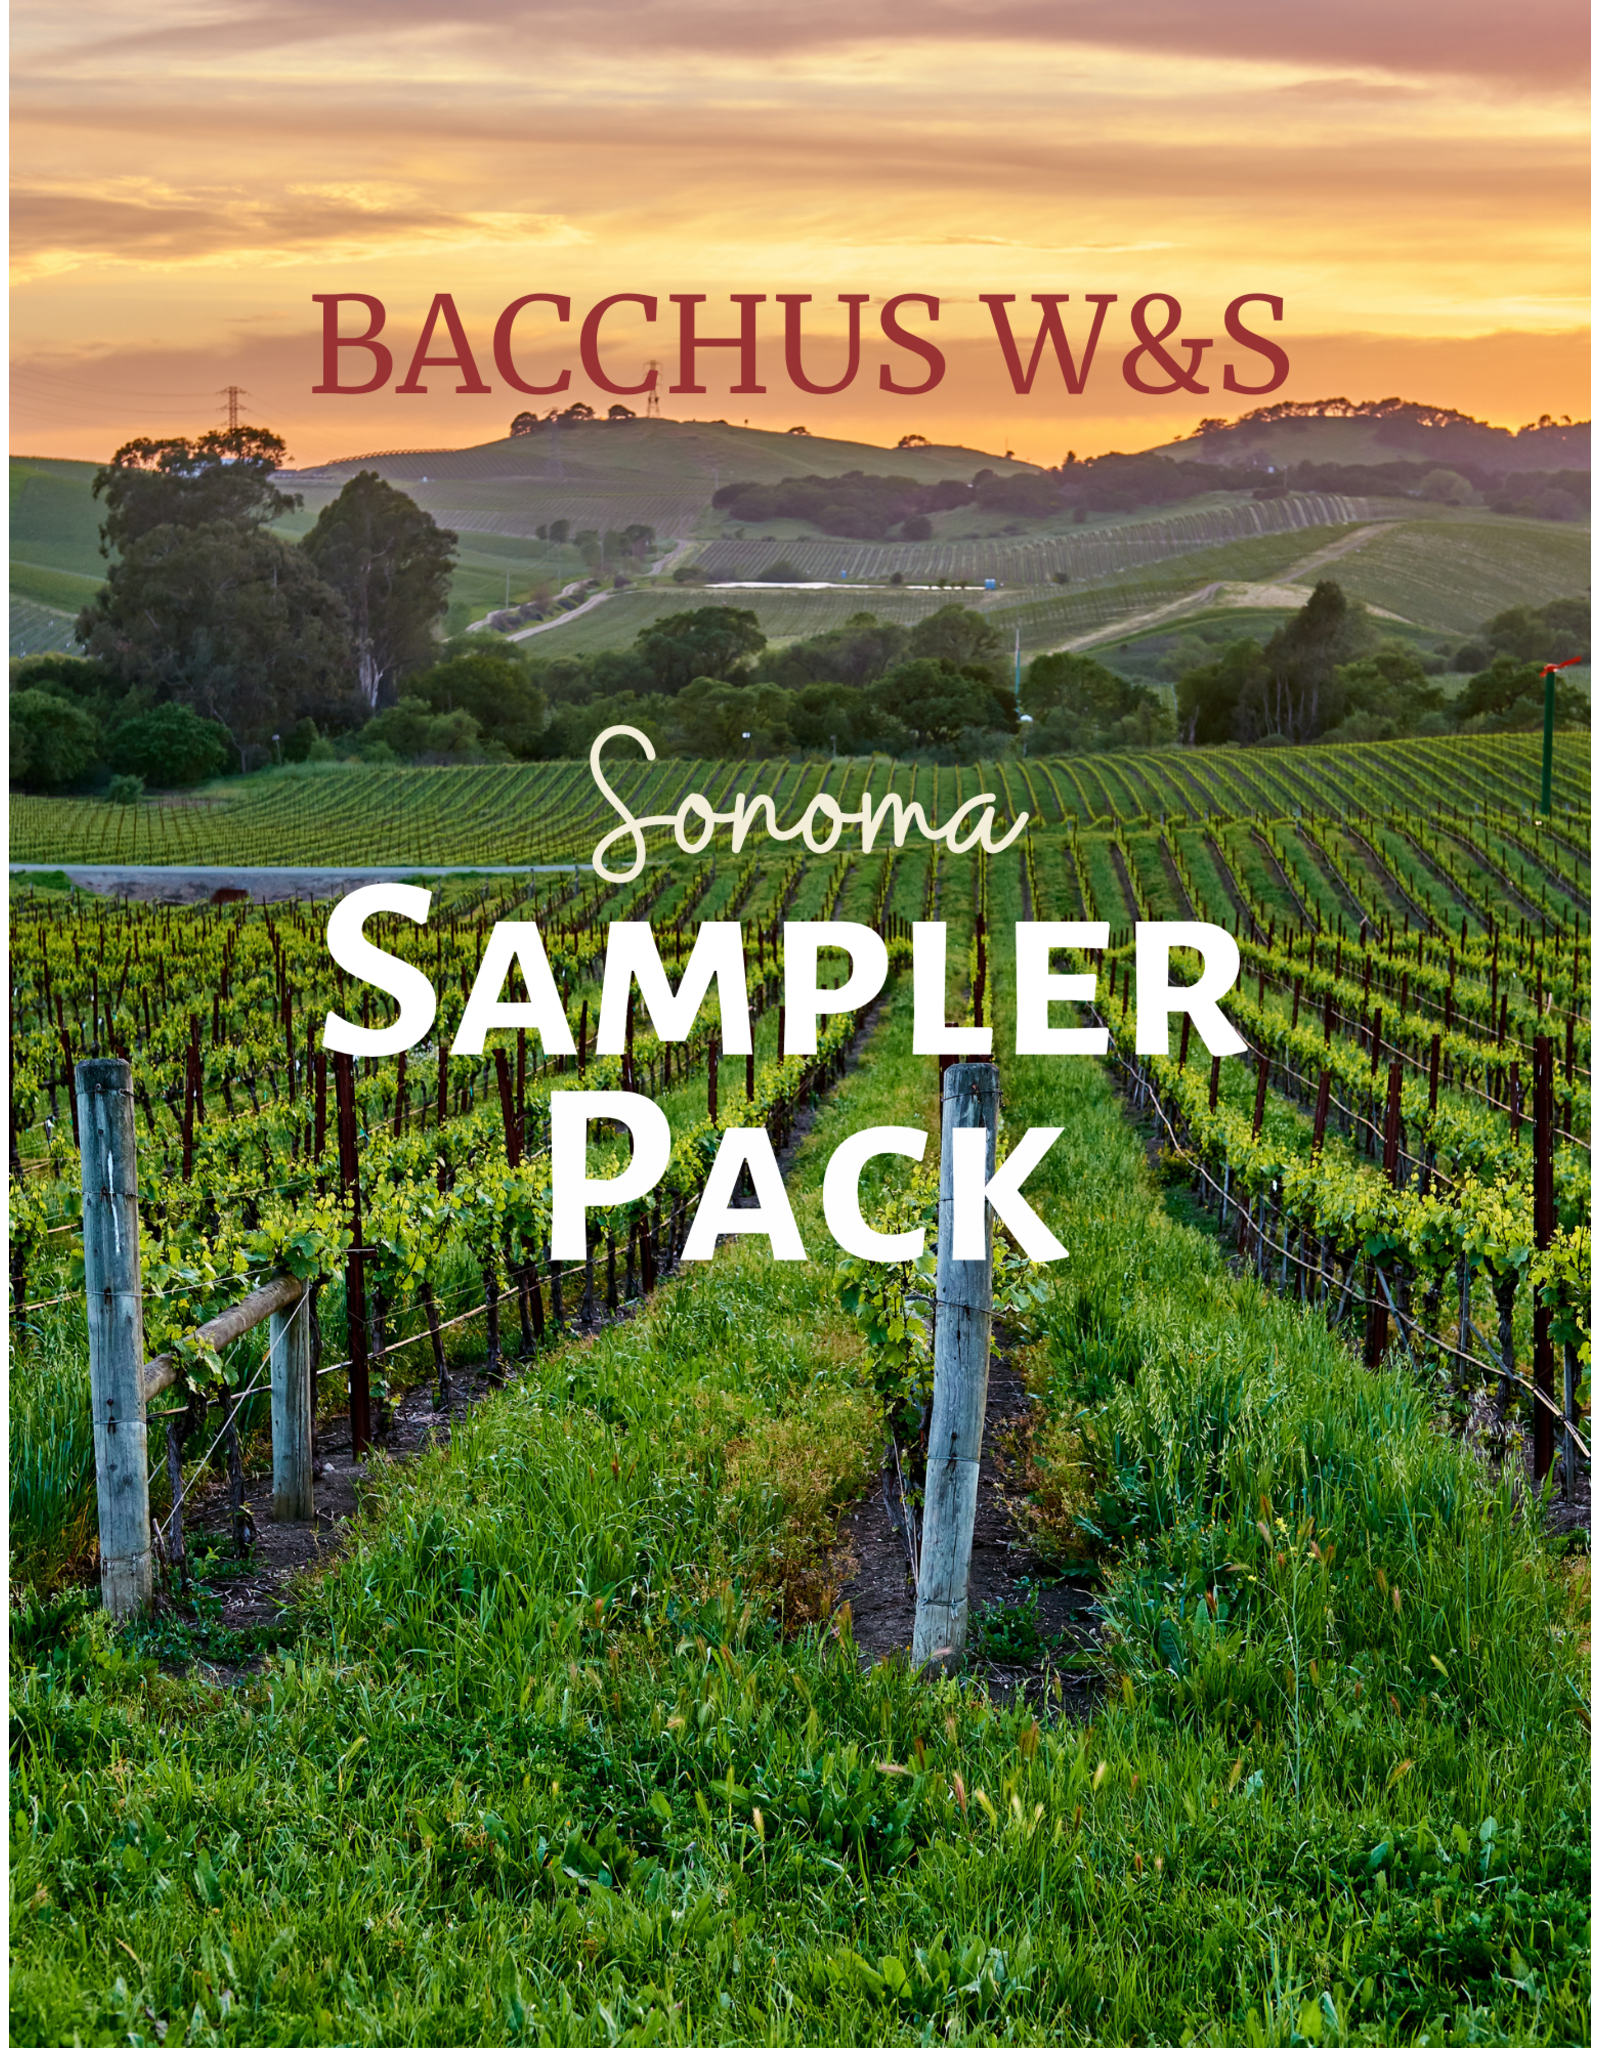 Sonoma Sampler Pack